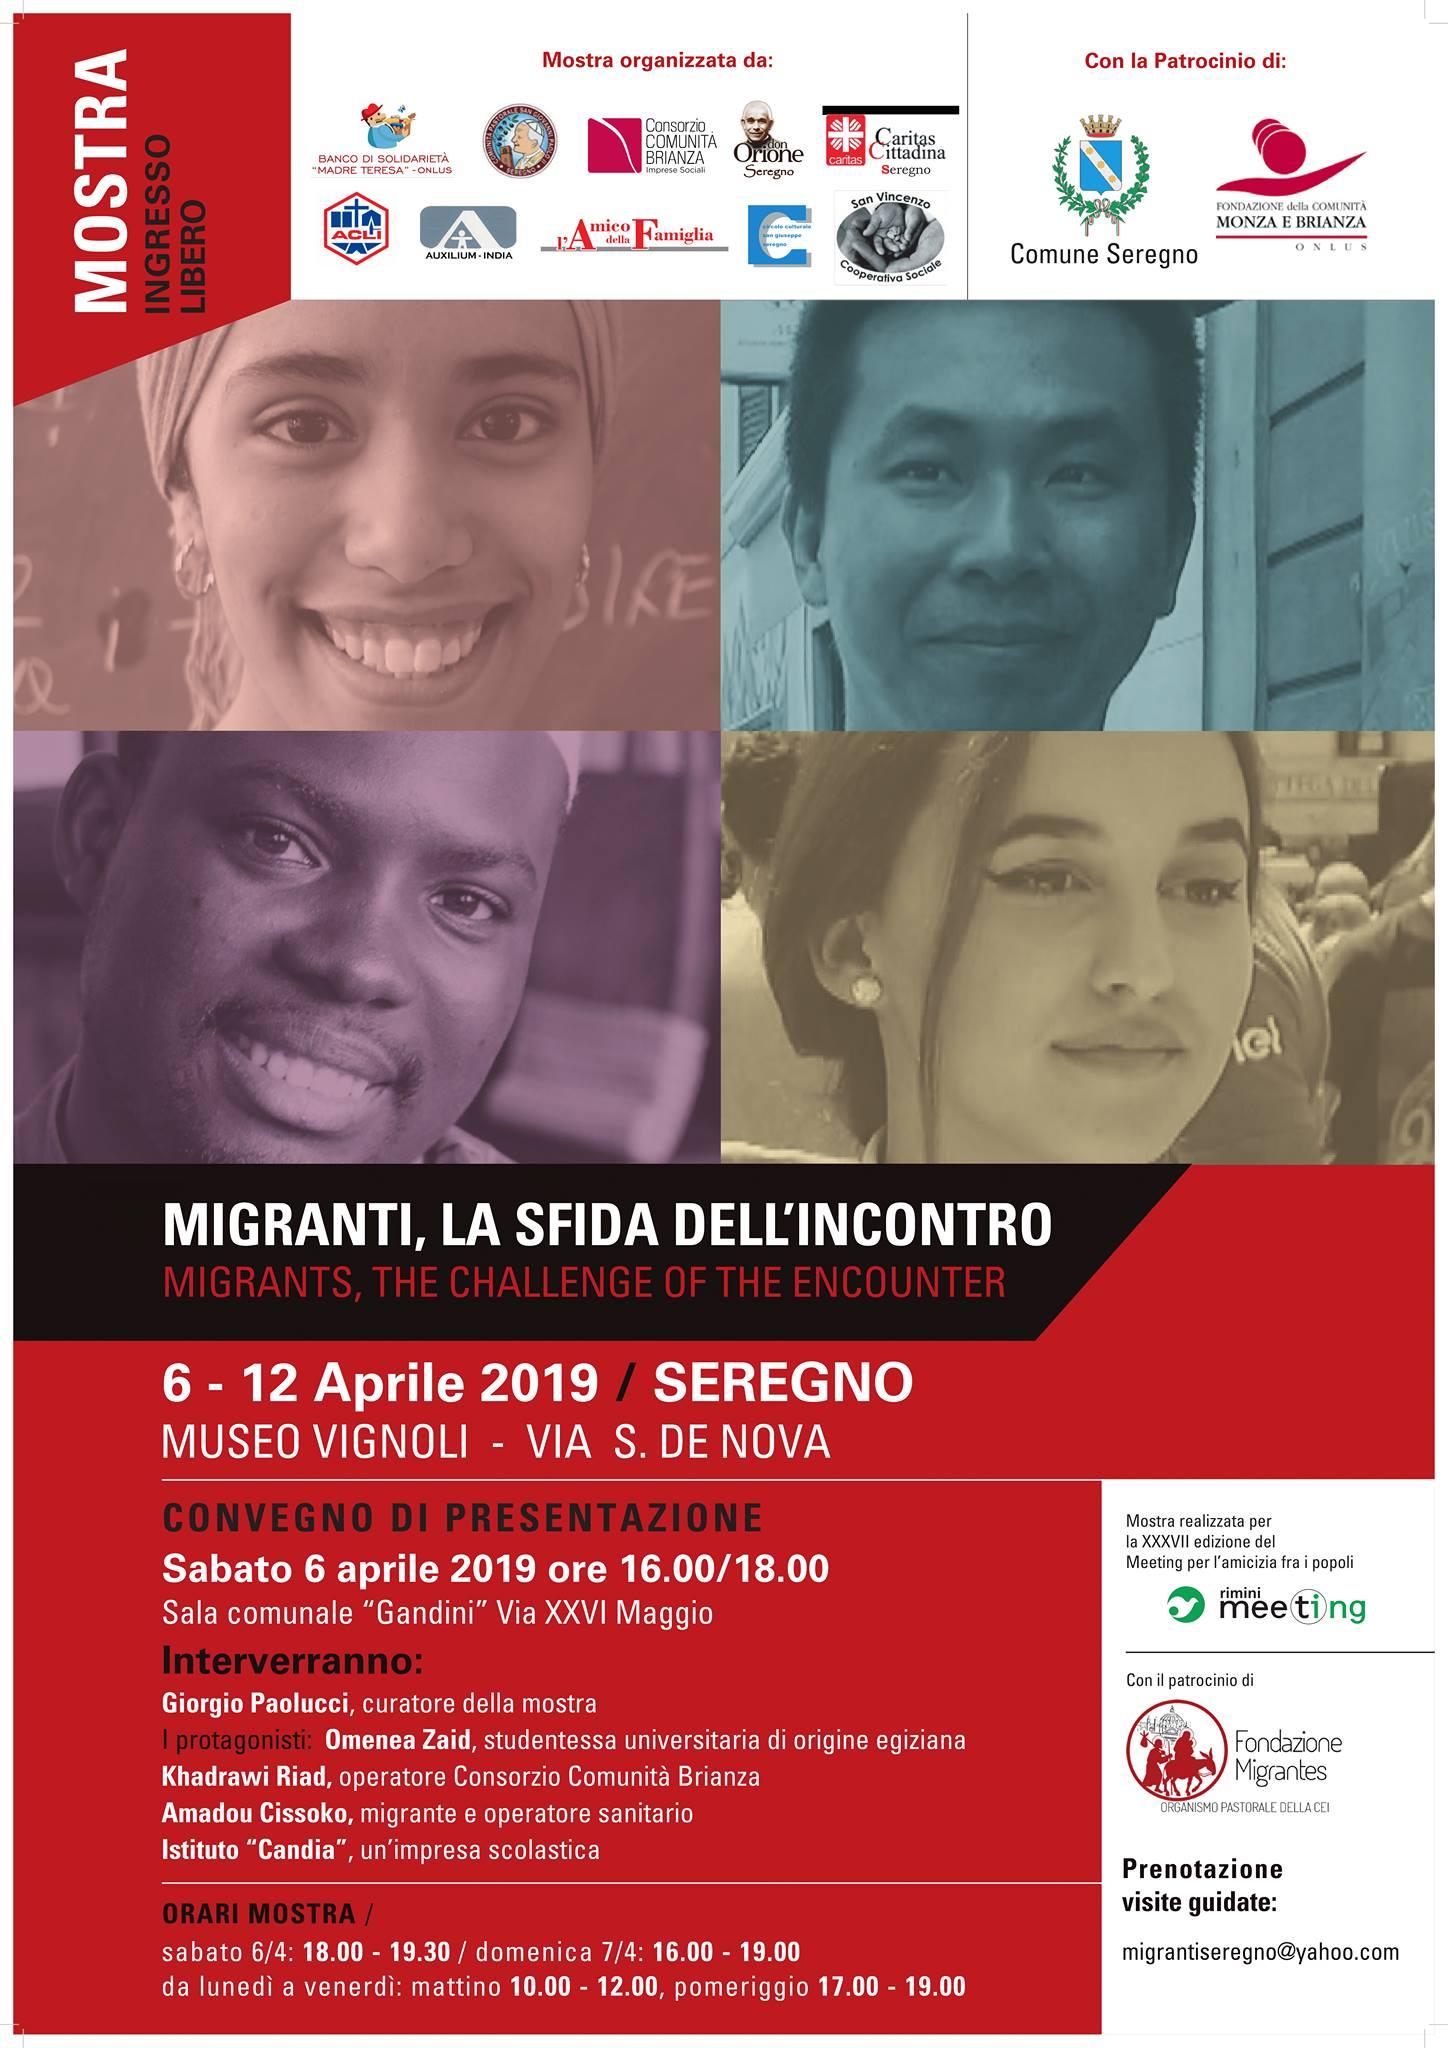 """Dal 6 al 12 aprile la mostra """"Migranti, la sfida dell'incontro"""" a Seregno"""